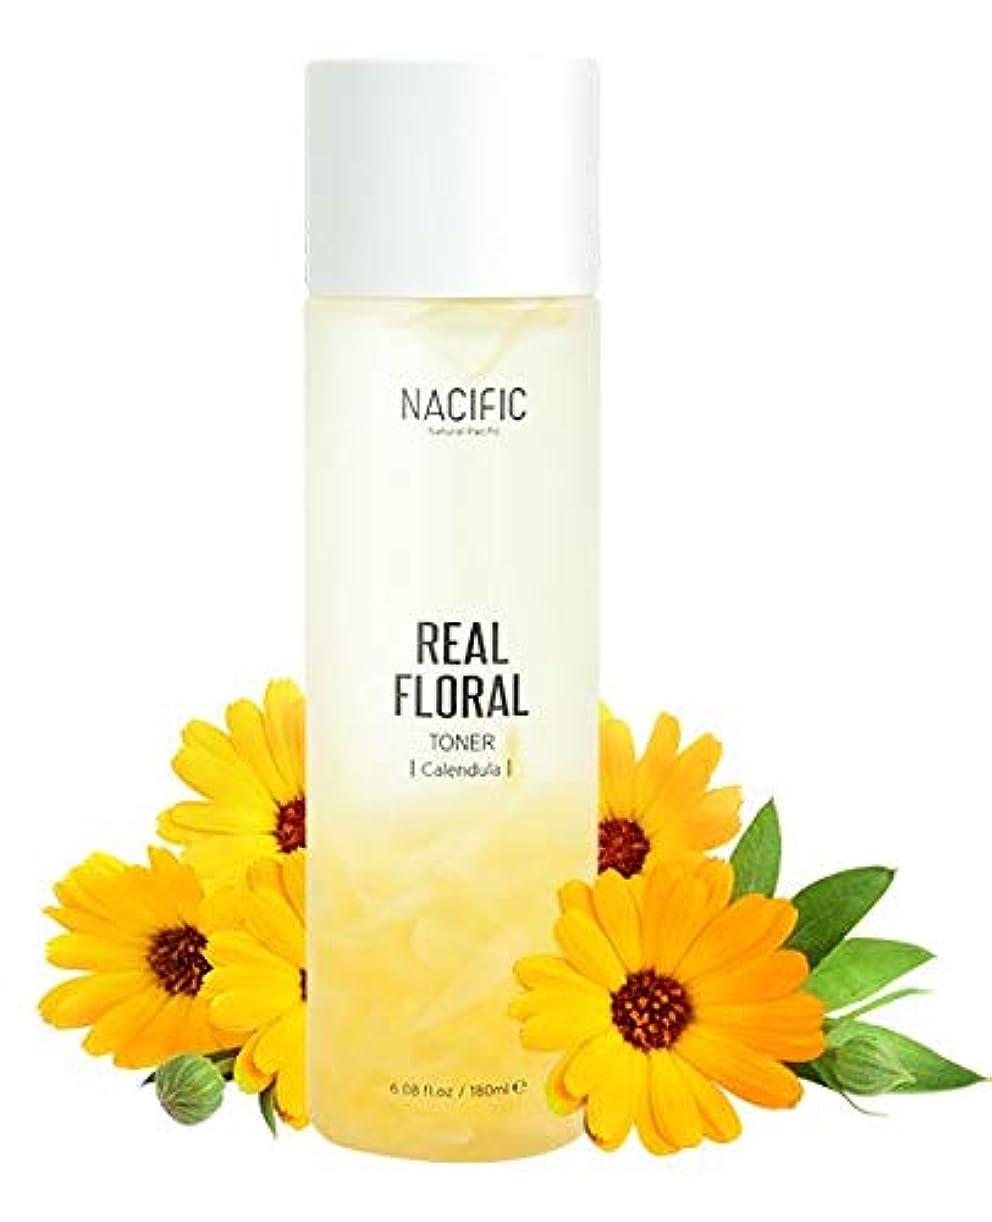 店員ズーム処方する[Nacific] Real Floral Toner(Calendula) 180ml /[ナシフィック] リアル フローラル トナー(カレンデュラ) 180ml [並行輸入品]